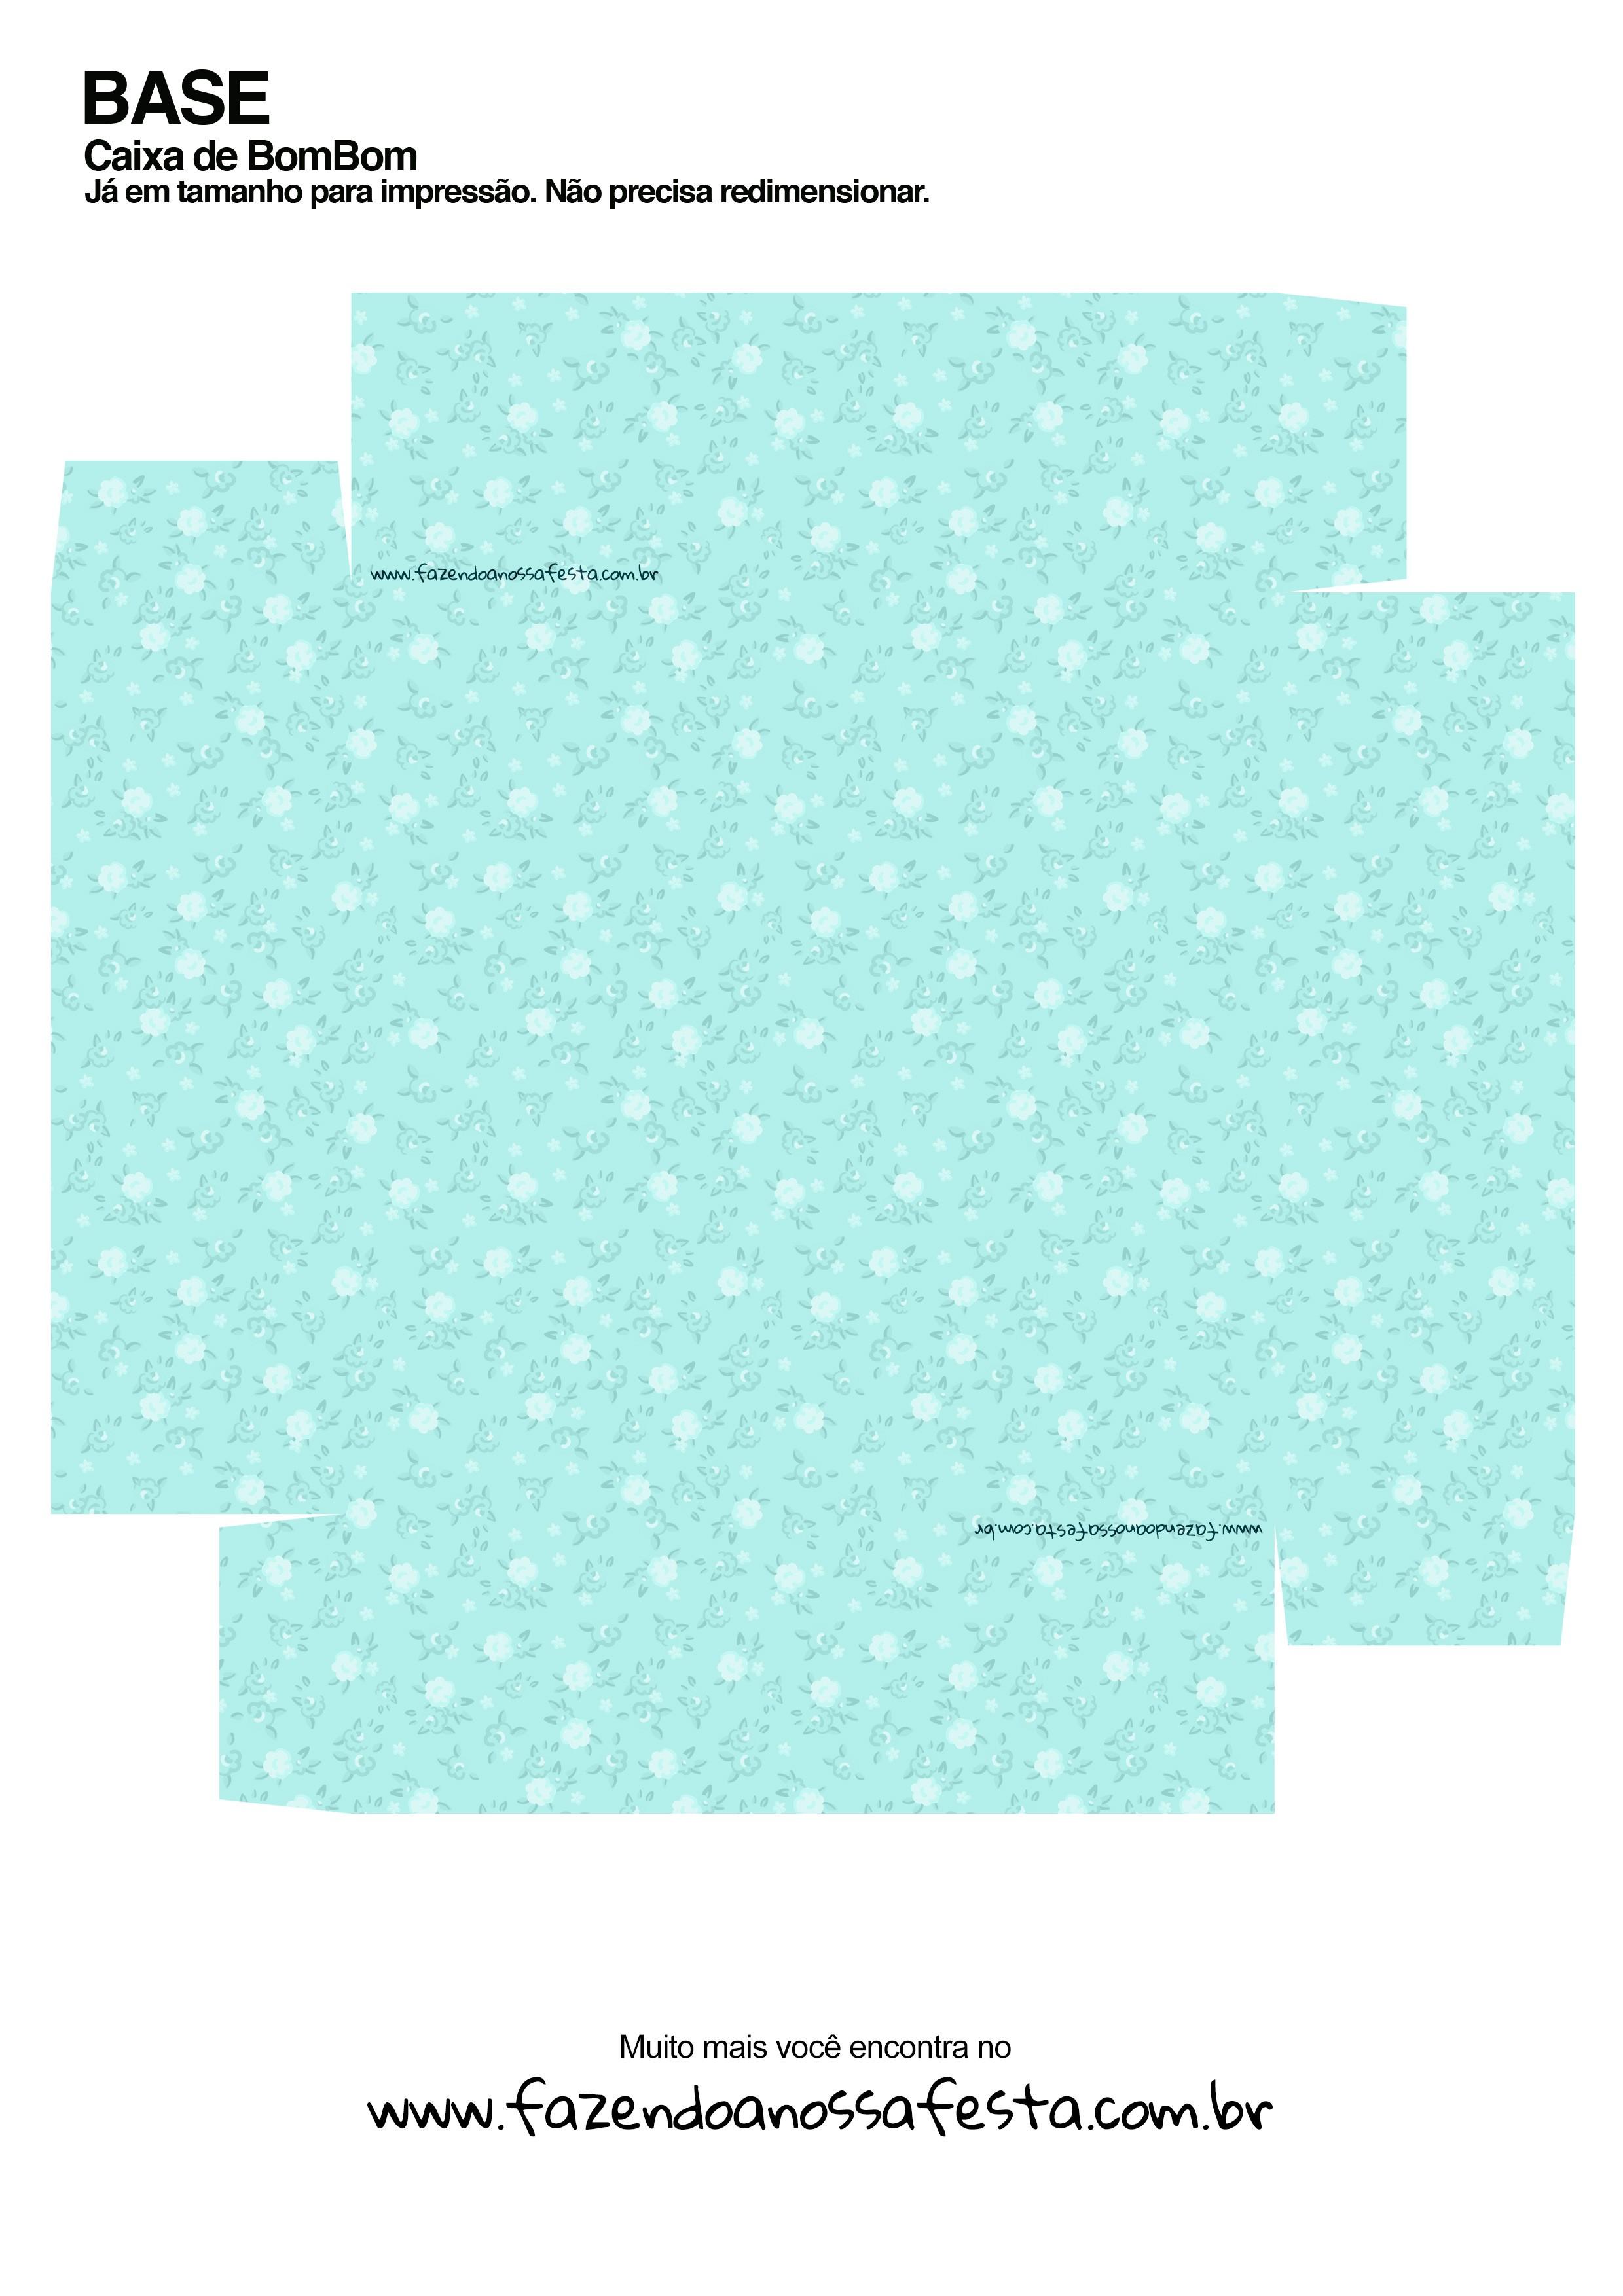 Caixa Bombom Azul Presente para Páscoa Cristã Ovelhinha - Parte de baixo